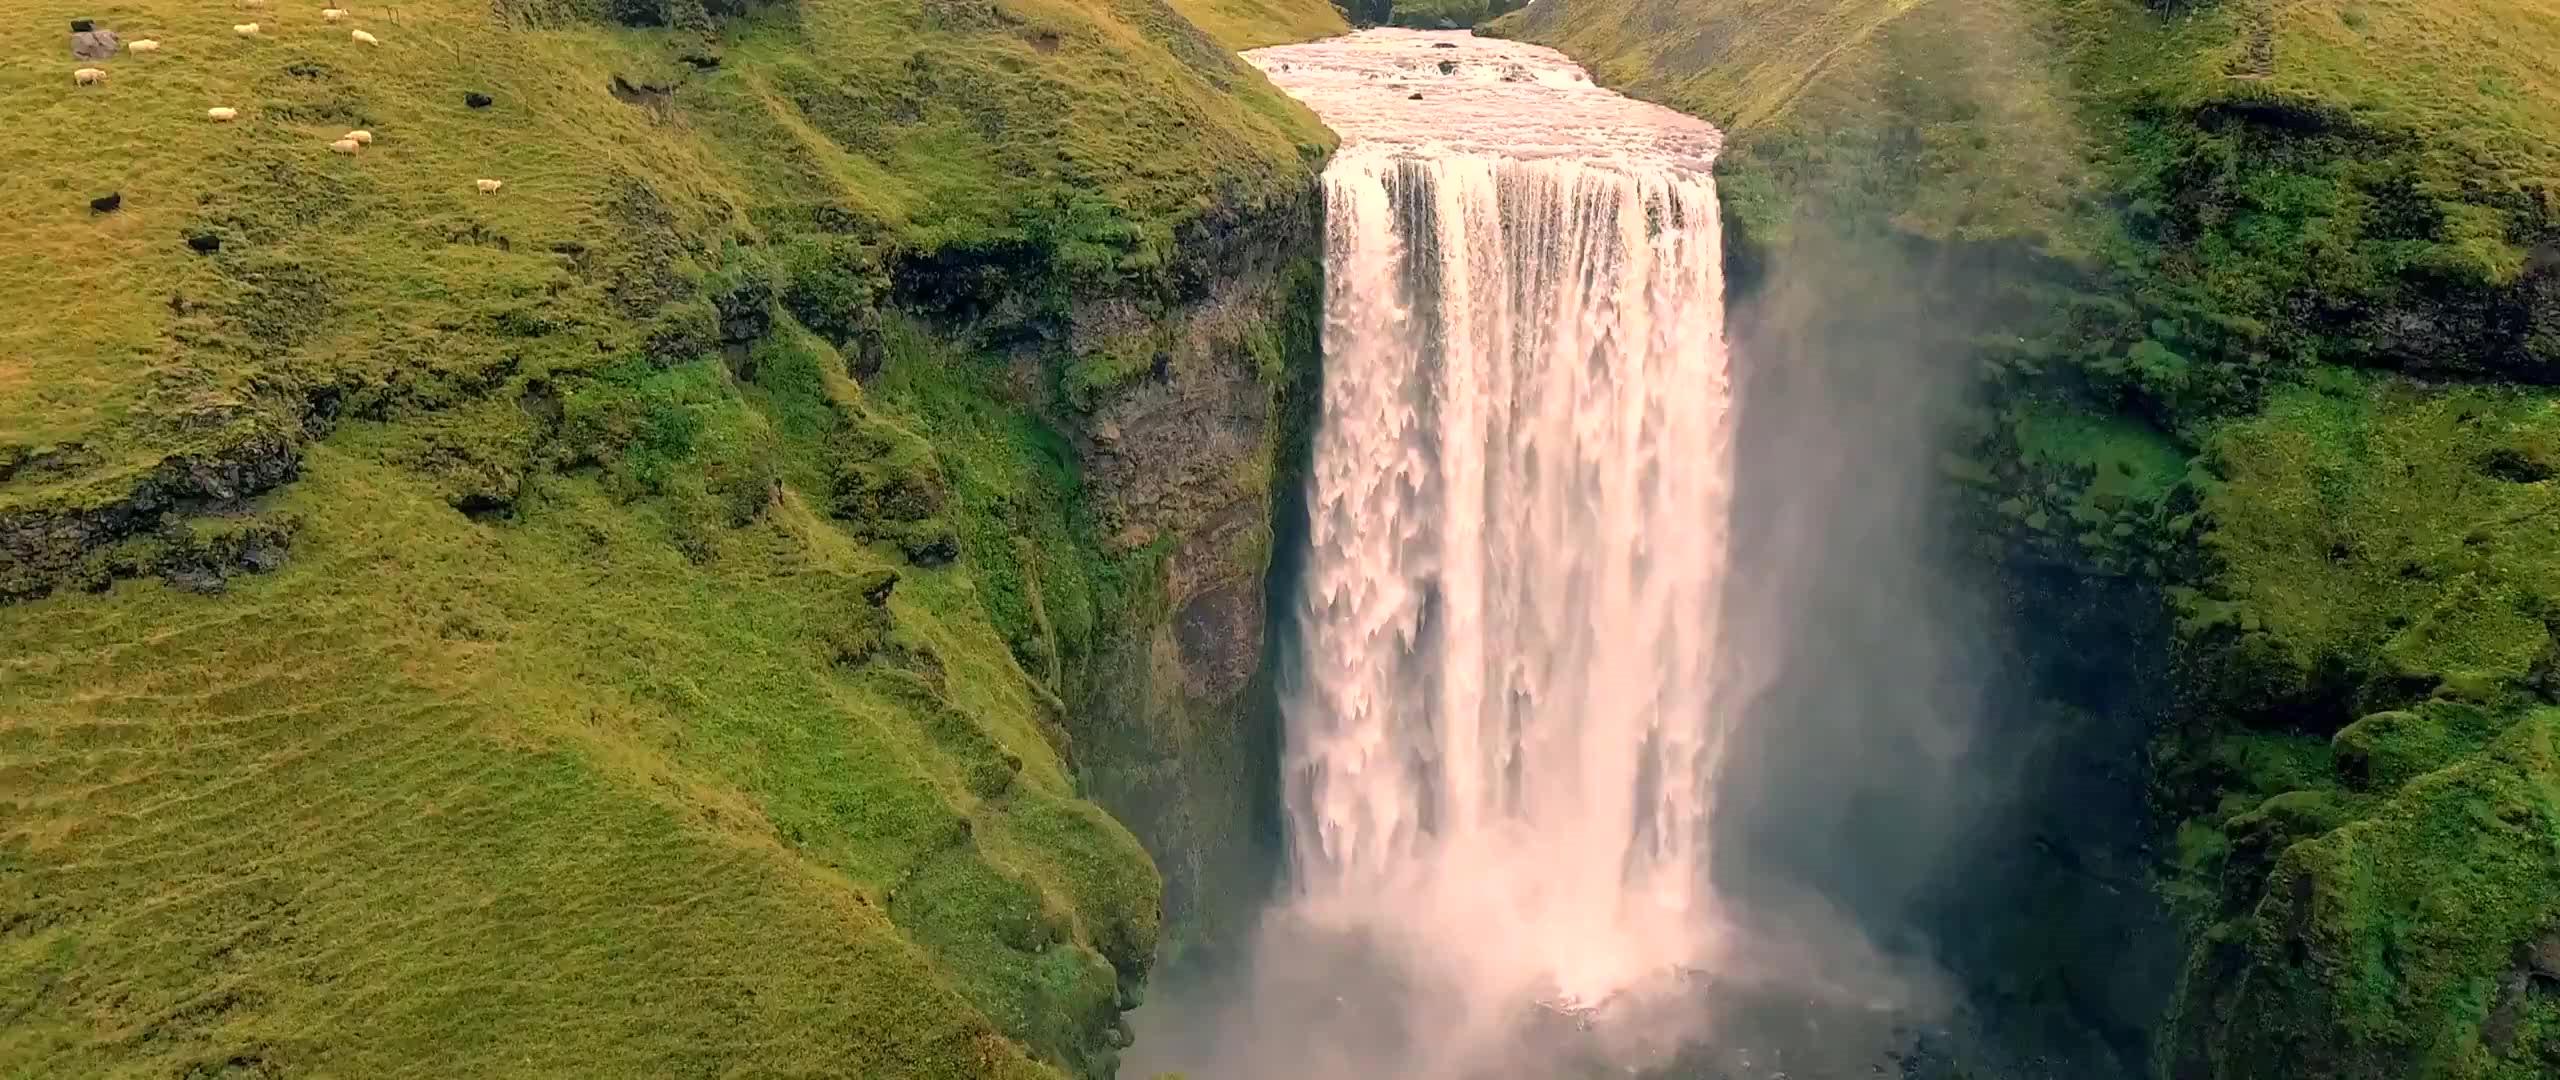 高清航拍风景——带你领略山脉冰川瀑布的美